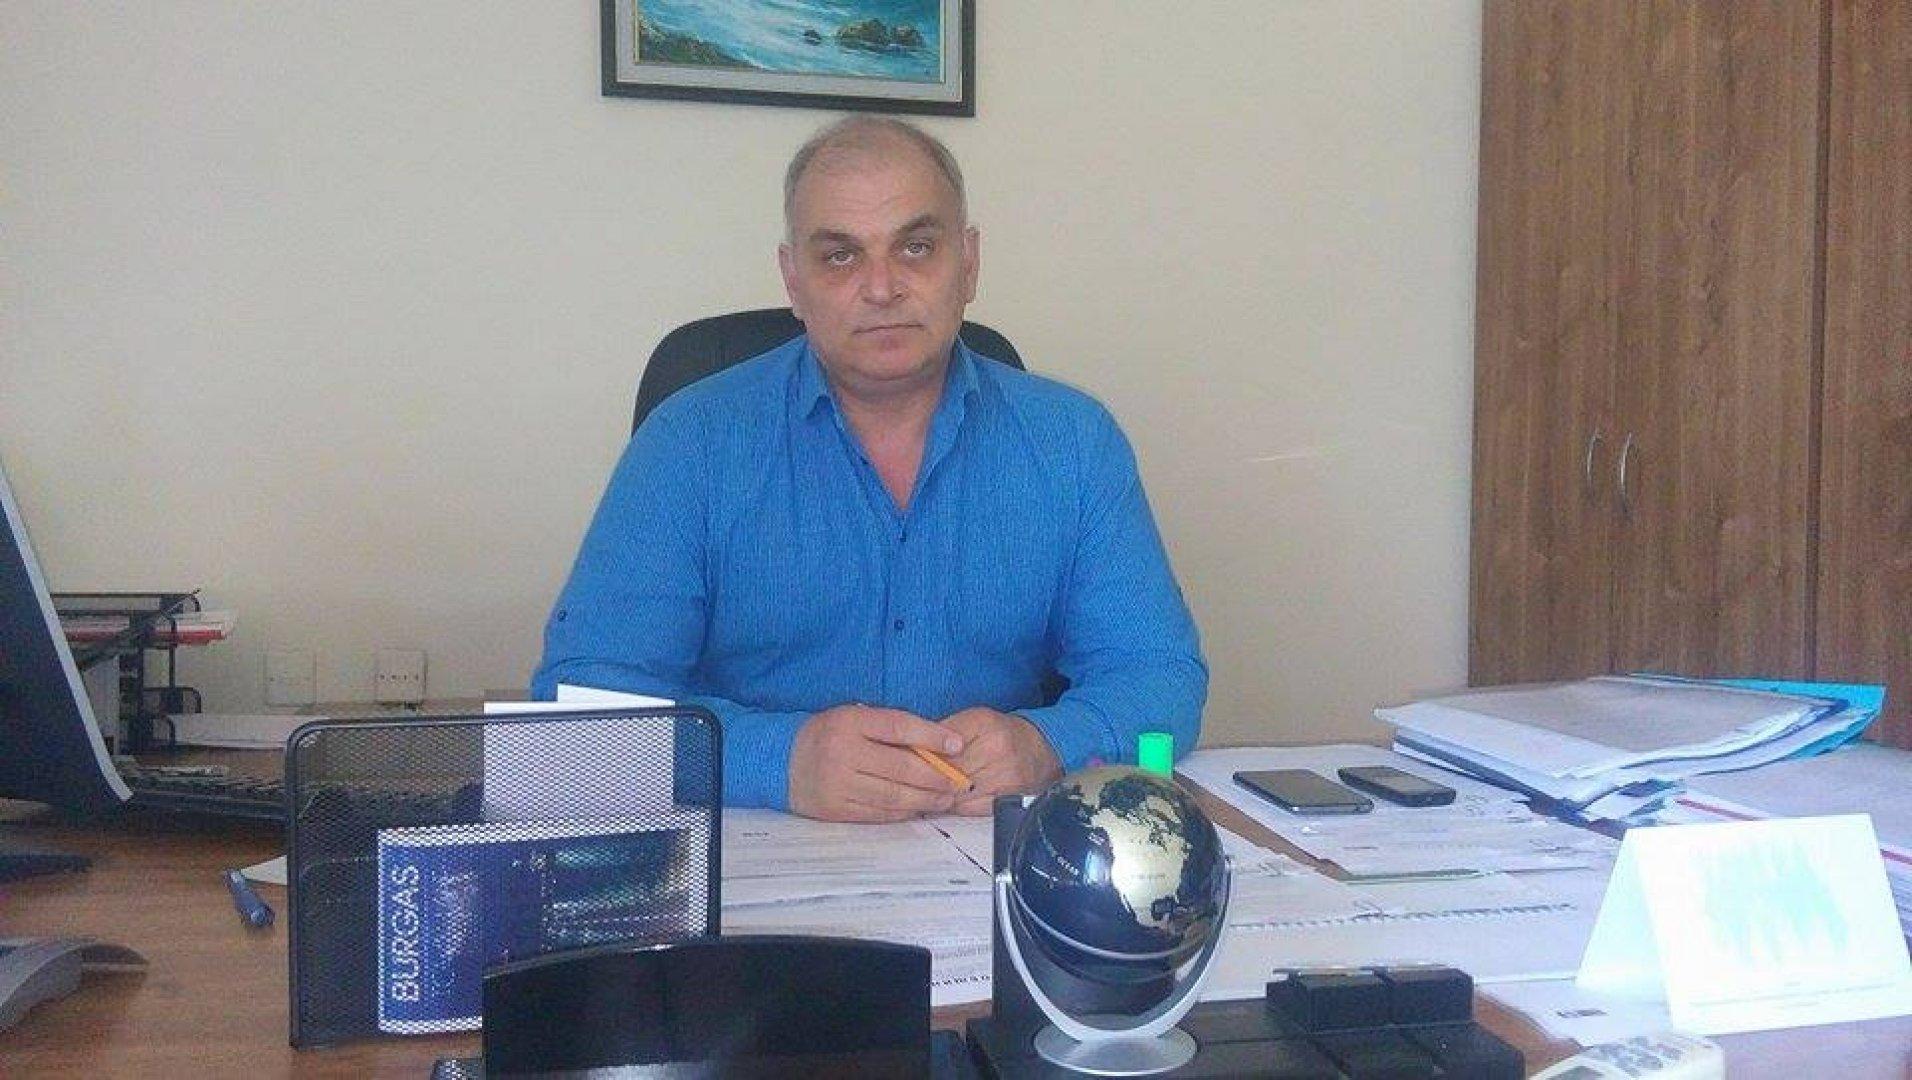 Тодор Стамболиев подкрепя предложението, но е против съхраняването на лични данни от физически лица. Снимка Архив